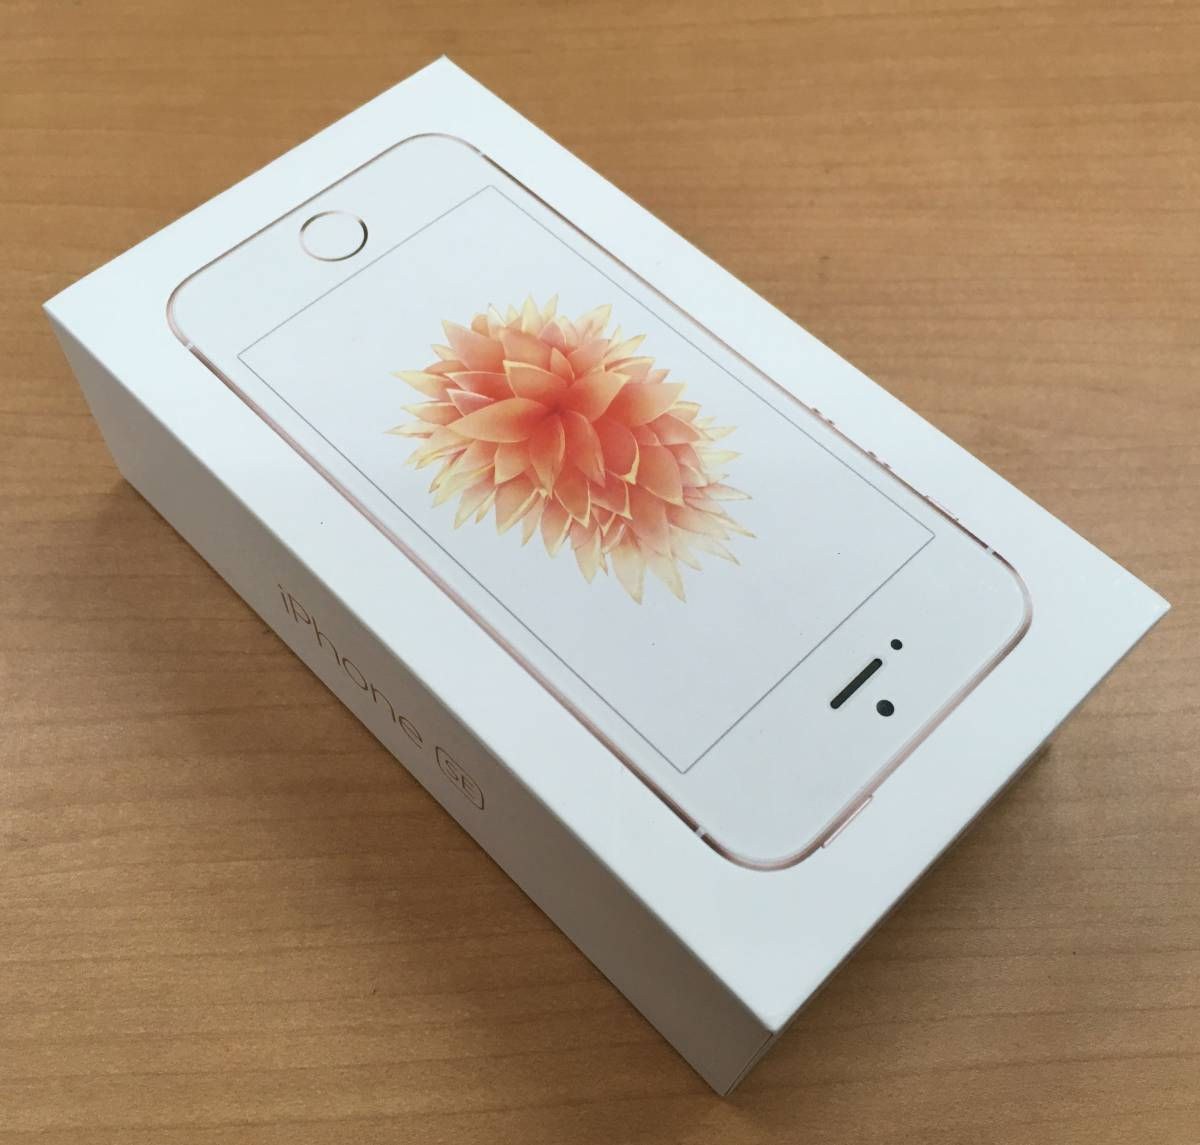 美品★Apple(アップル) iPhone SE 128GB SIMフリー Rose Gold(ローズゴールド)★Appl